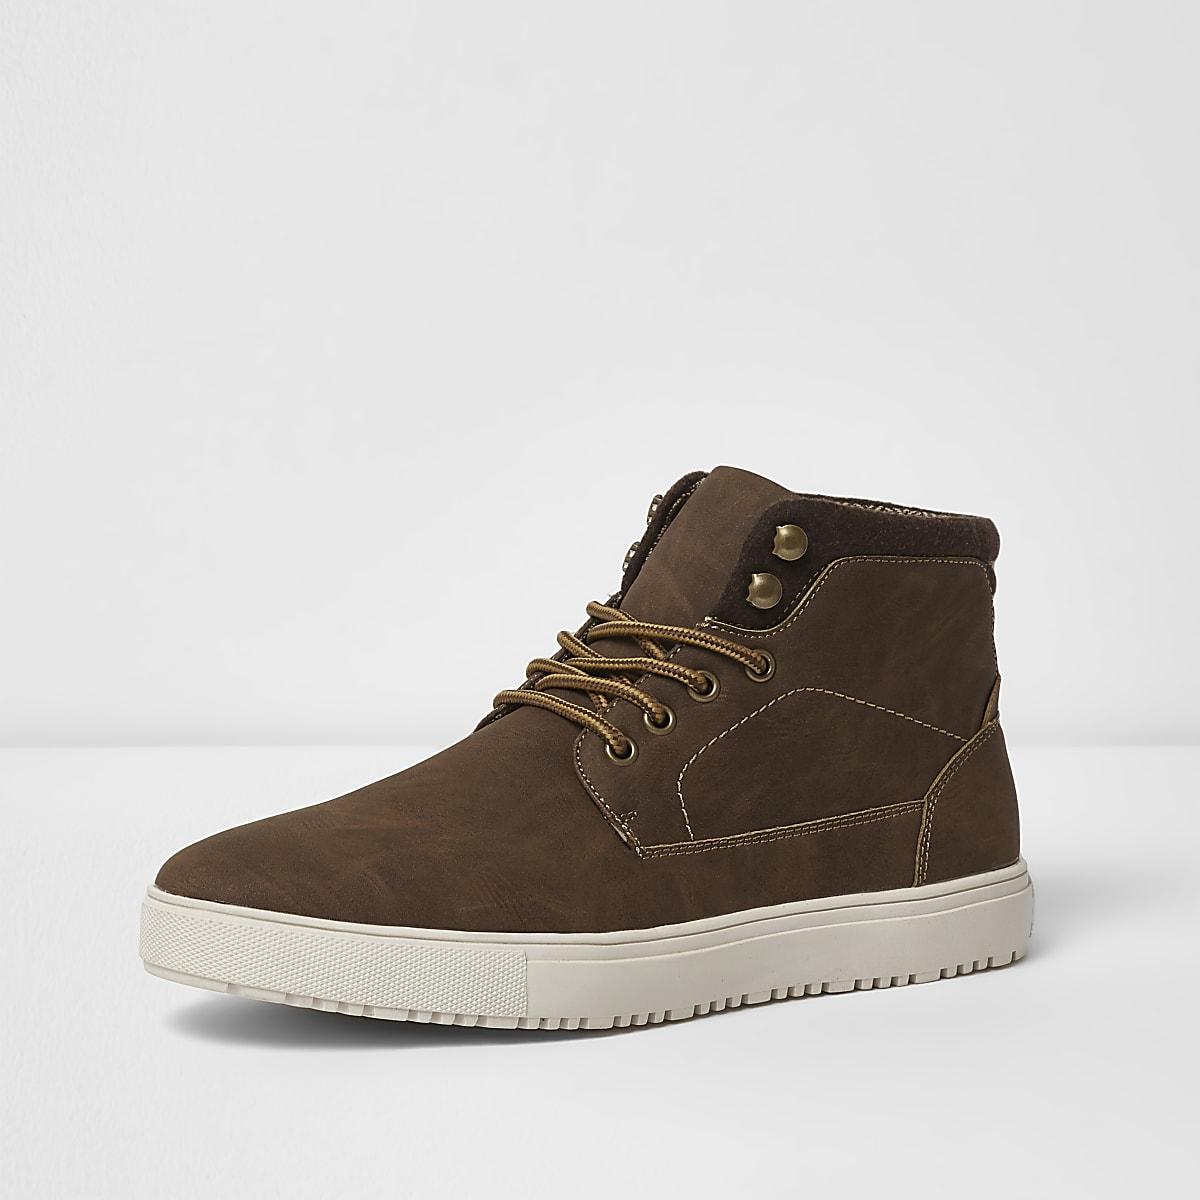 7be6d7df201 Bruine hoge sneakers met vetersluiting - Sneakers - Schoenen ...